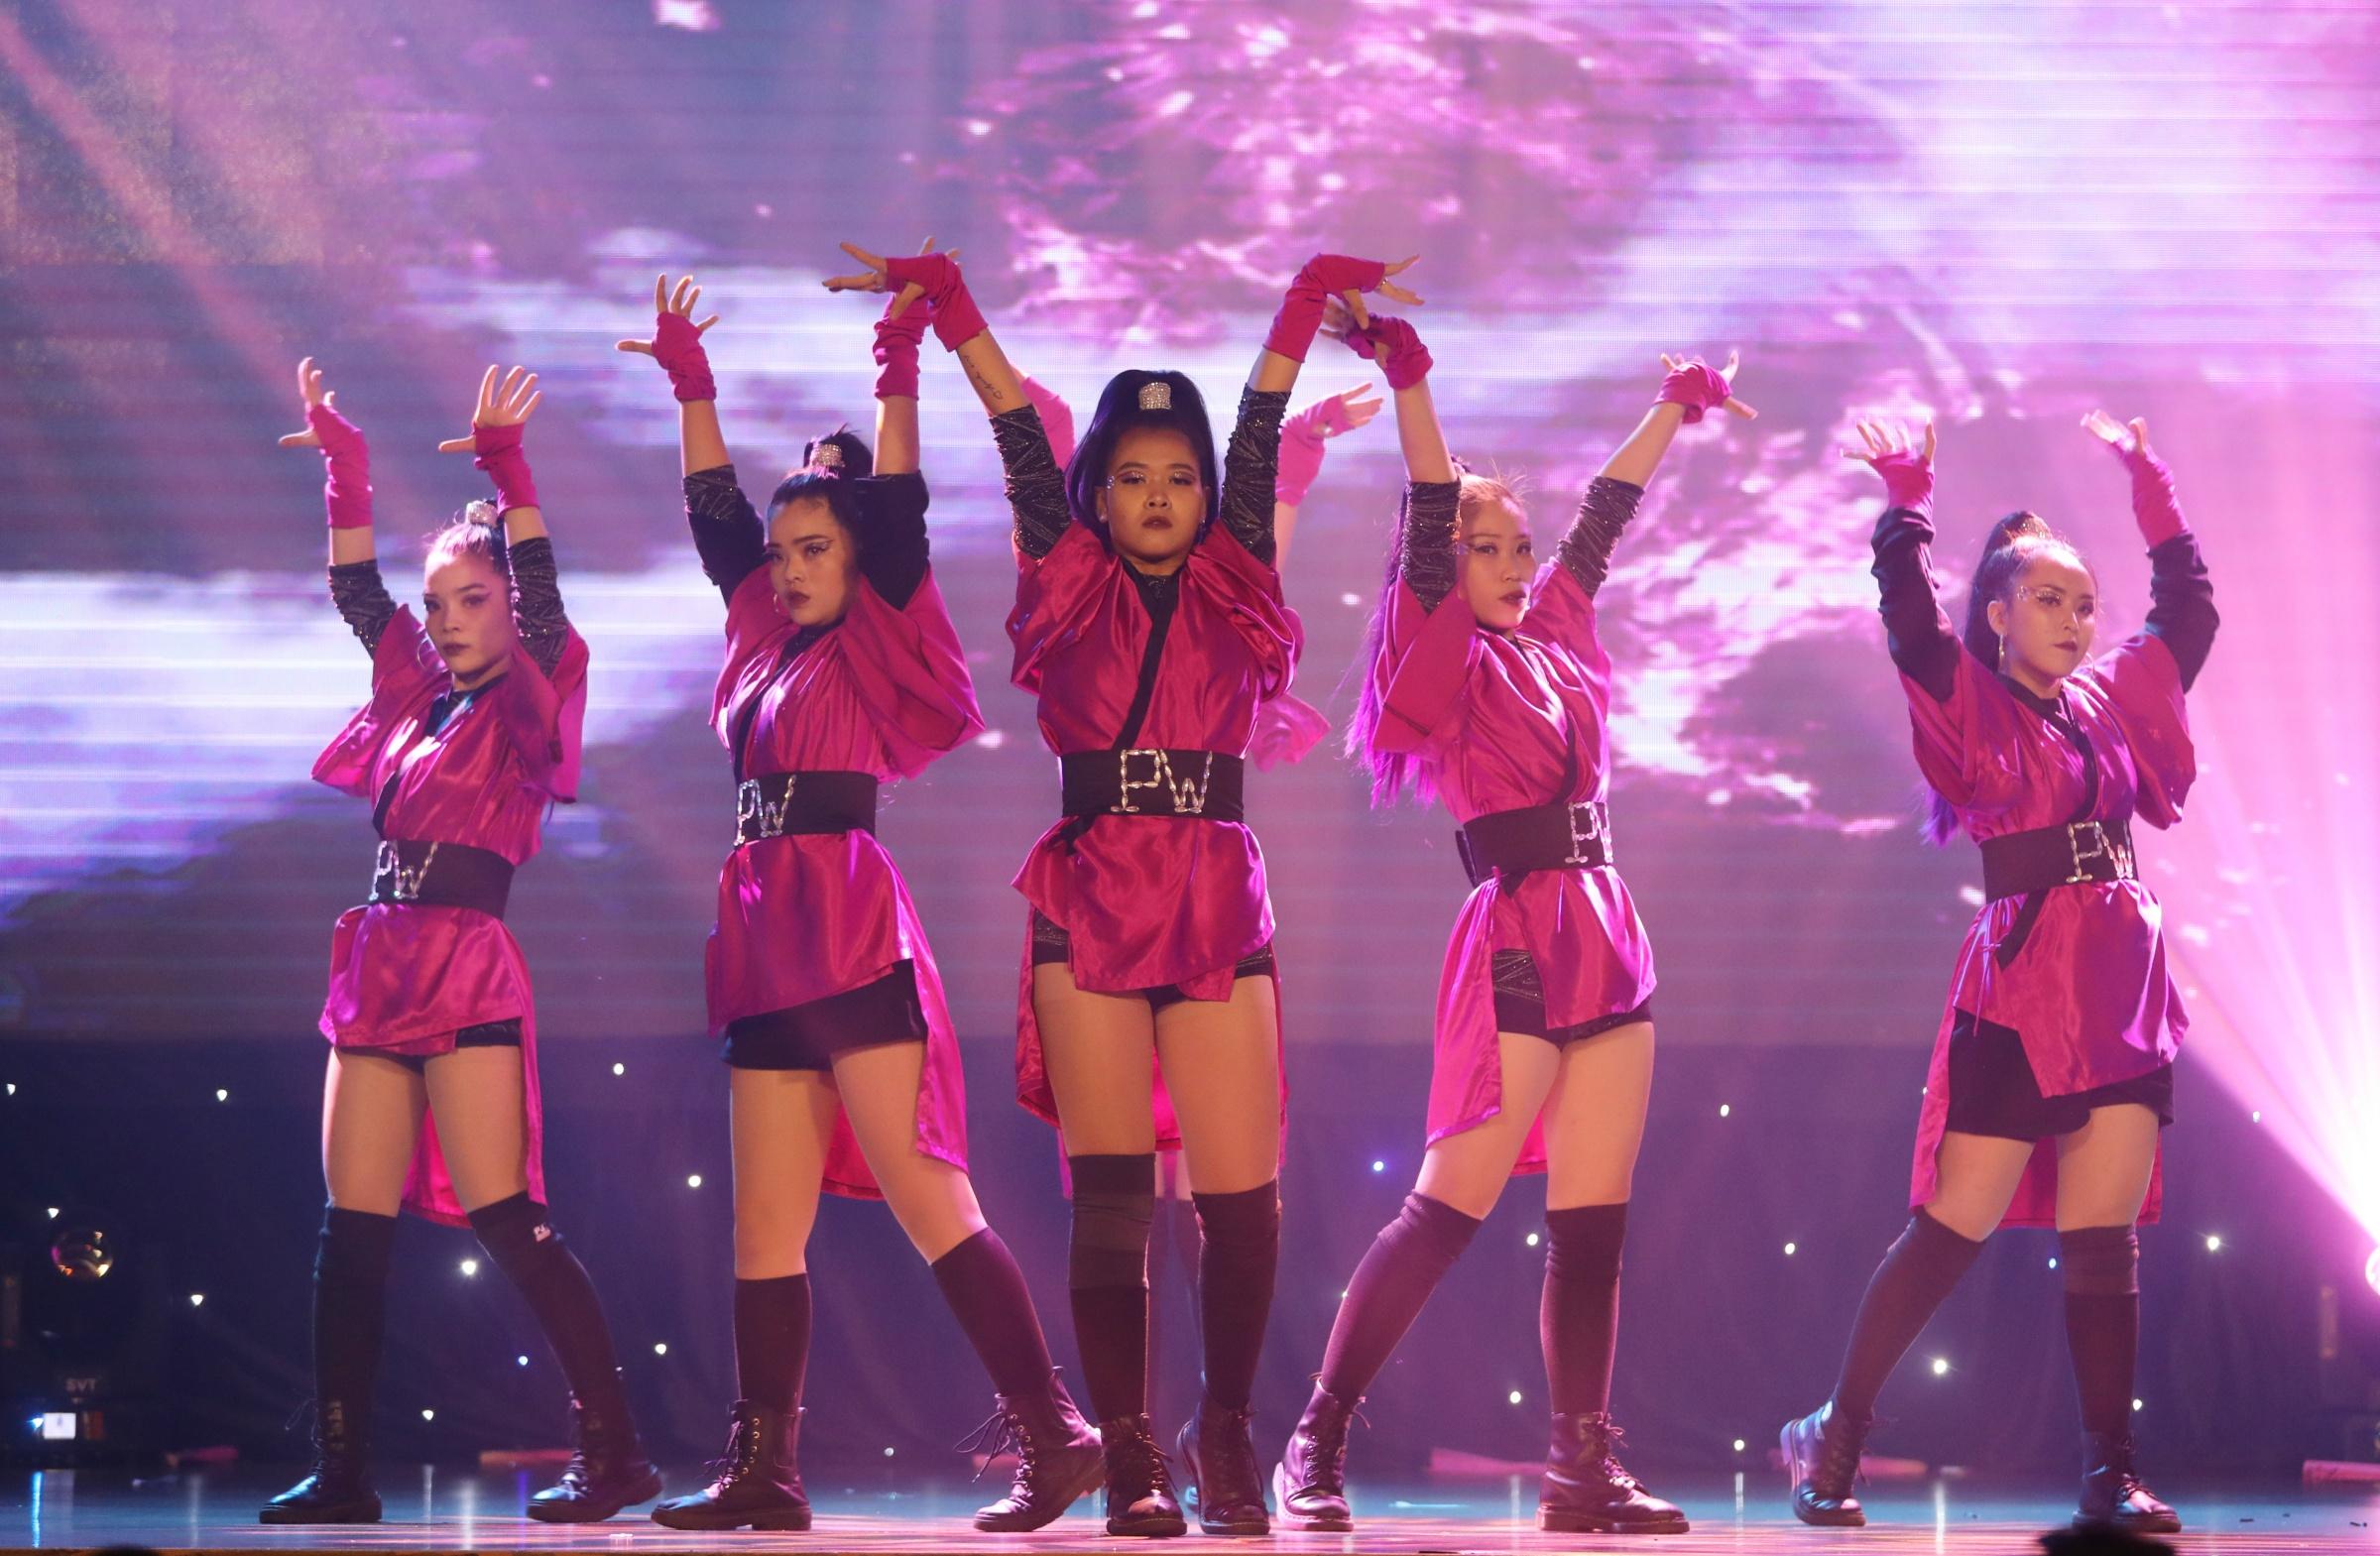 Pwithsion (Đại học Nam Cần Thơ) là đội cuối cùng vào top 5. Họ thể hiện những điệu nhảy nhanh, mạnh, dứt khoát và màn nhào lộn trong tiết mục Blackpink in the show. Họ yêu mến Blackpink và thường cover vũ đạo của thần tượng mỗi khi nhóm ra ca khúc mới. Trang phục màu đen - hồng và chiếc quạt giúp phần trình diễn thêm đặc biệt.